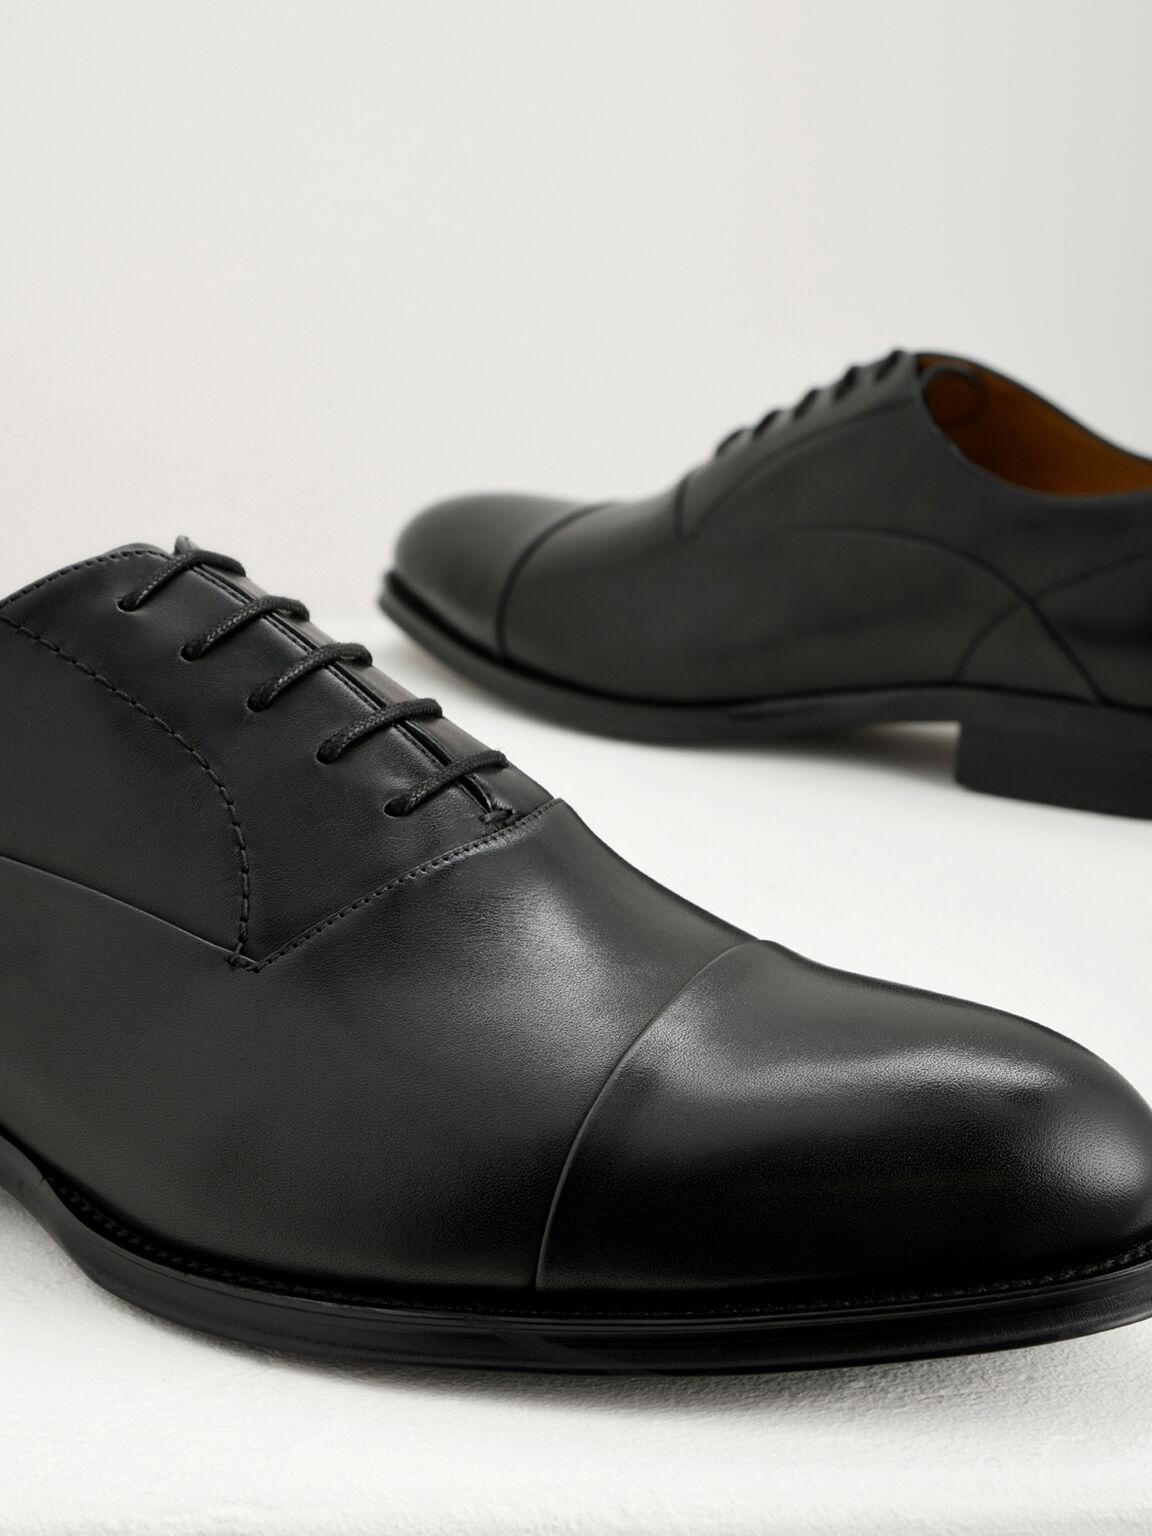 Leather Oxfords, Black, hi-res